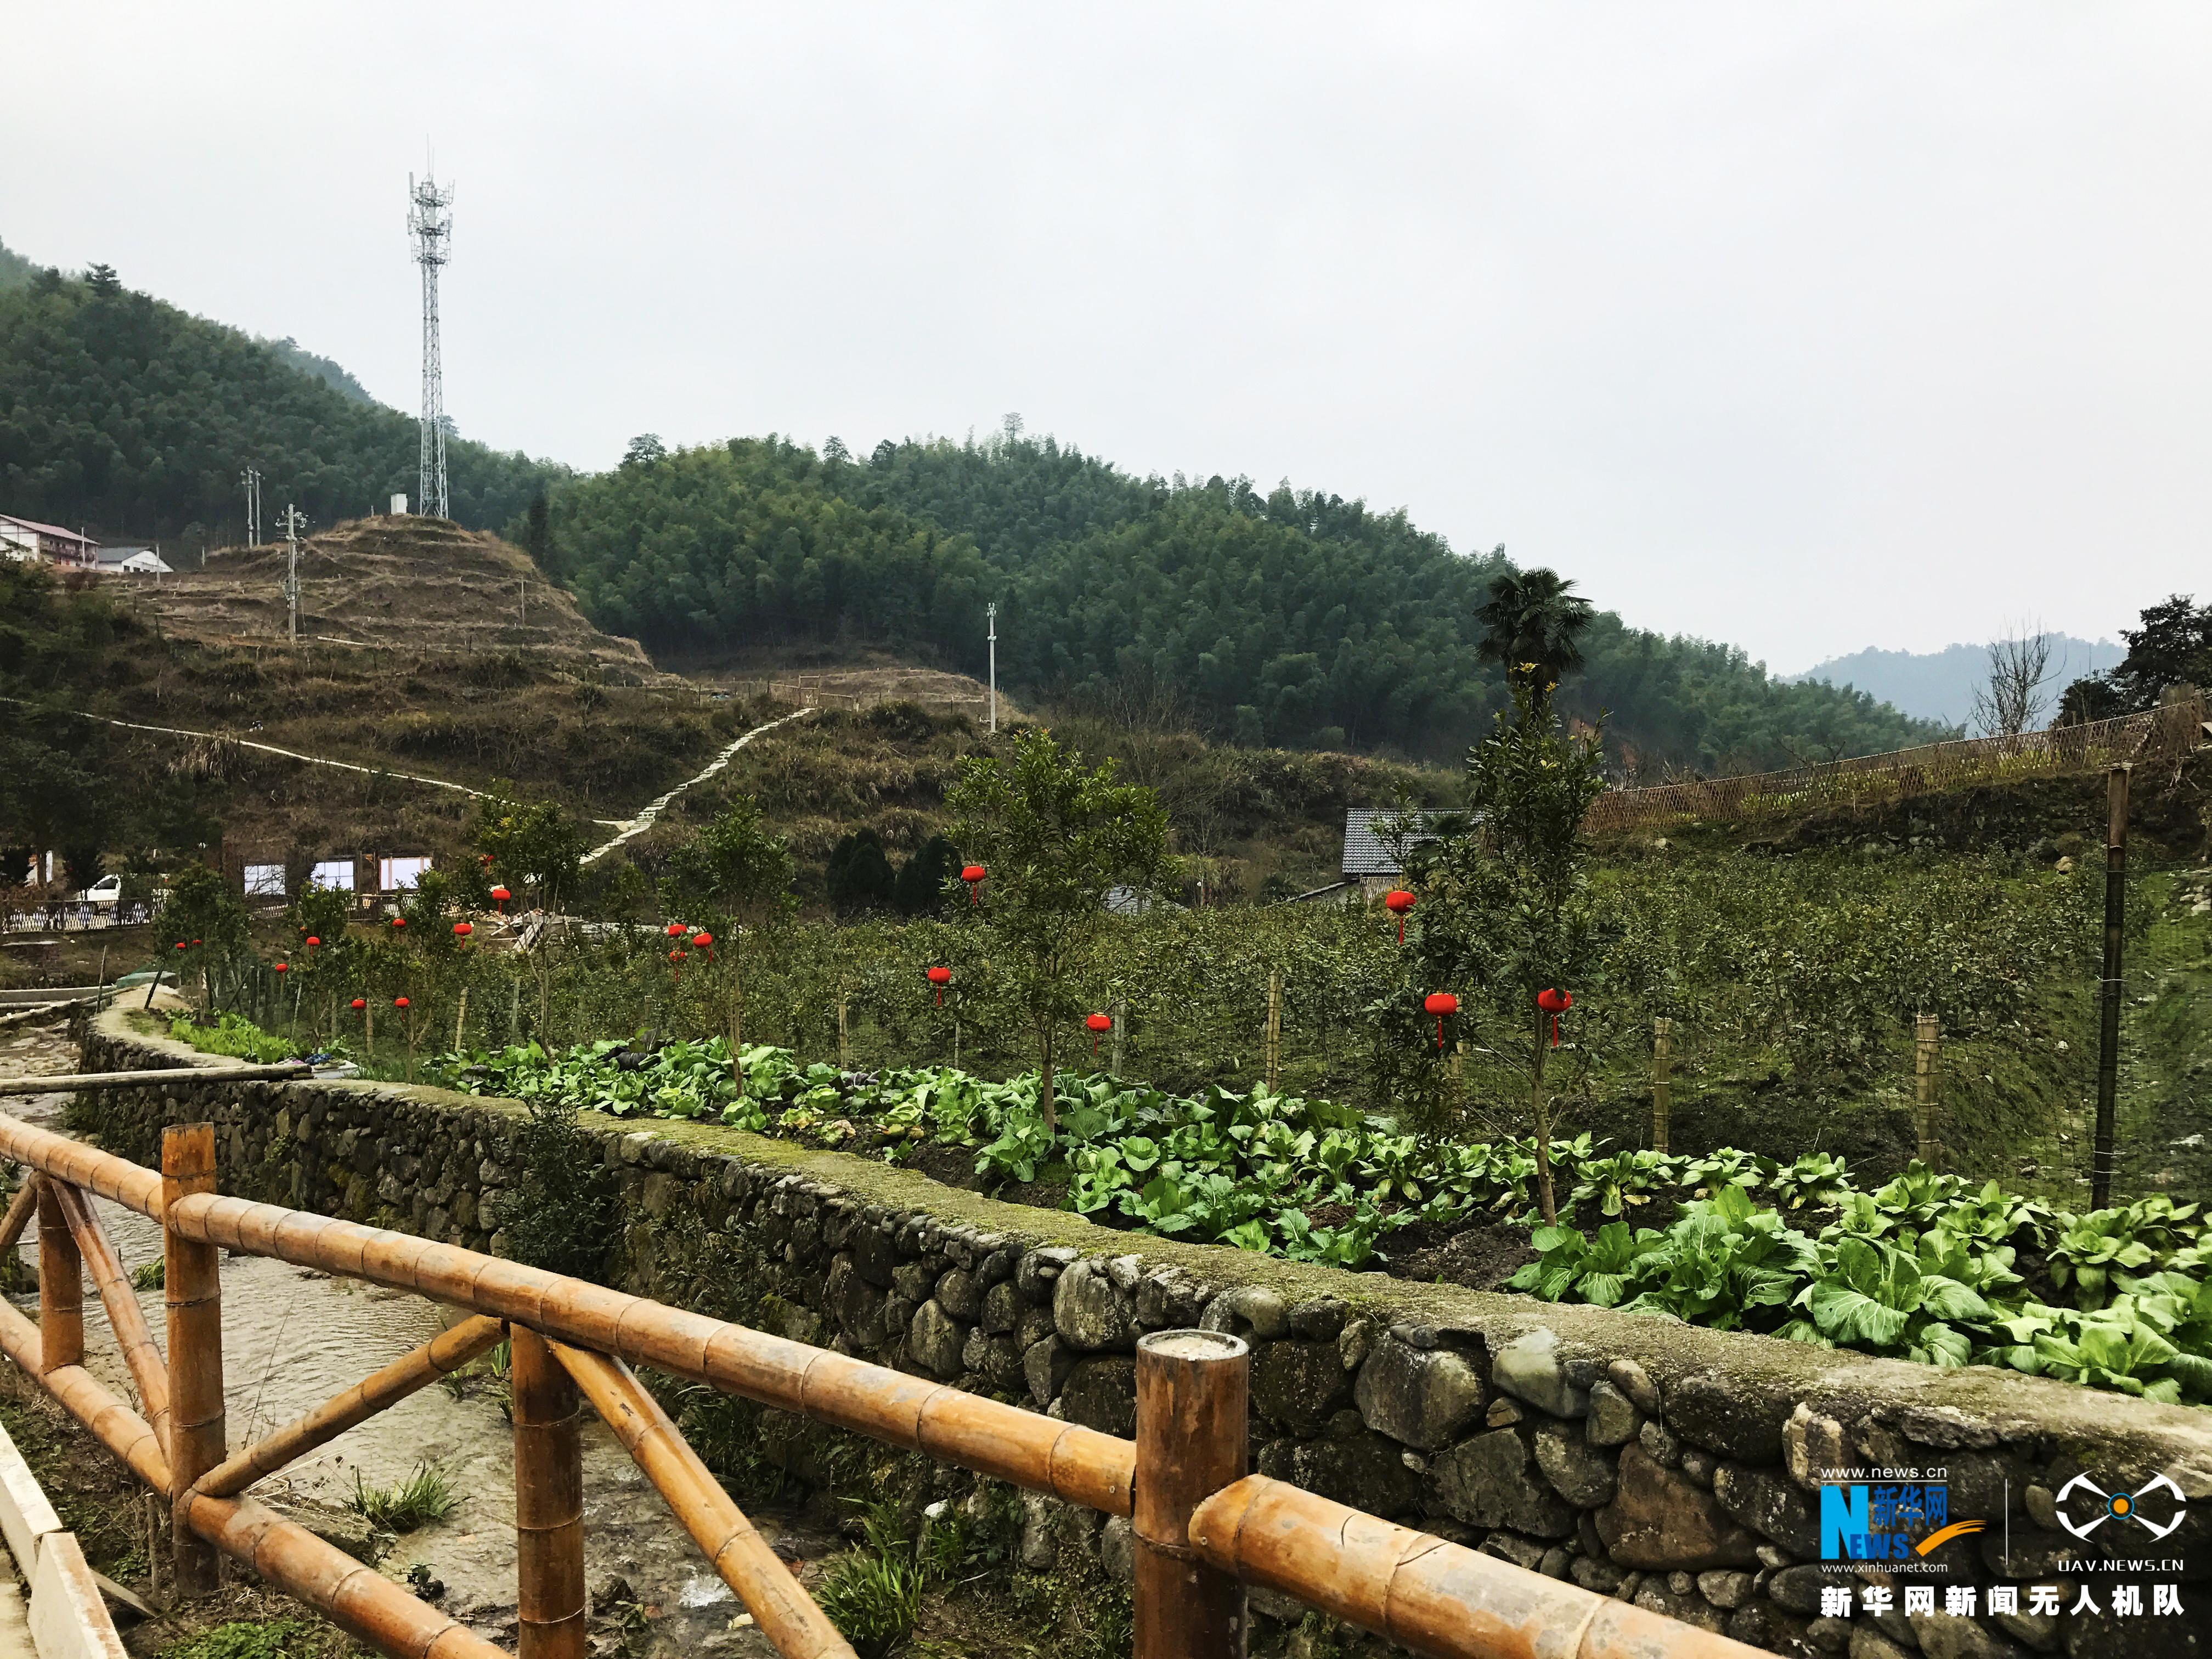 【网络媒体走转改】新华网航拍:井冈山神山村致富换新颜